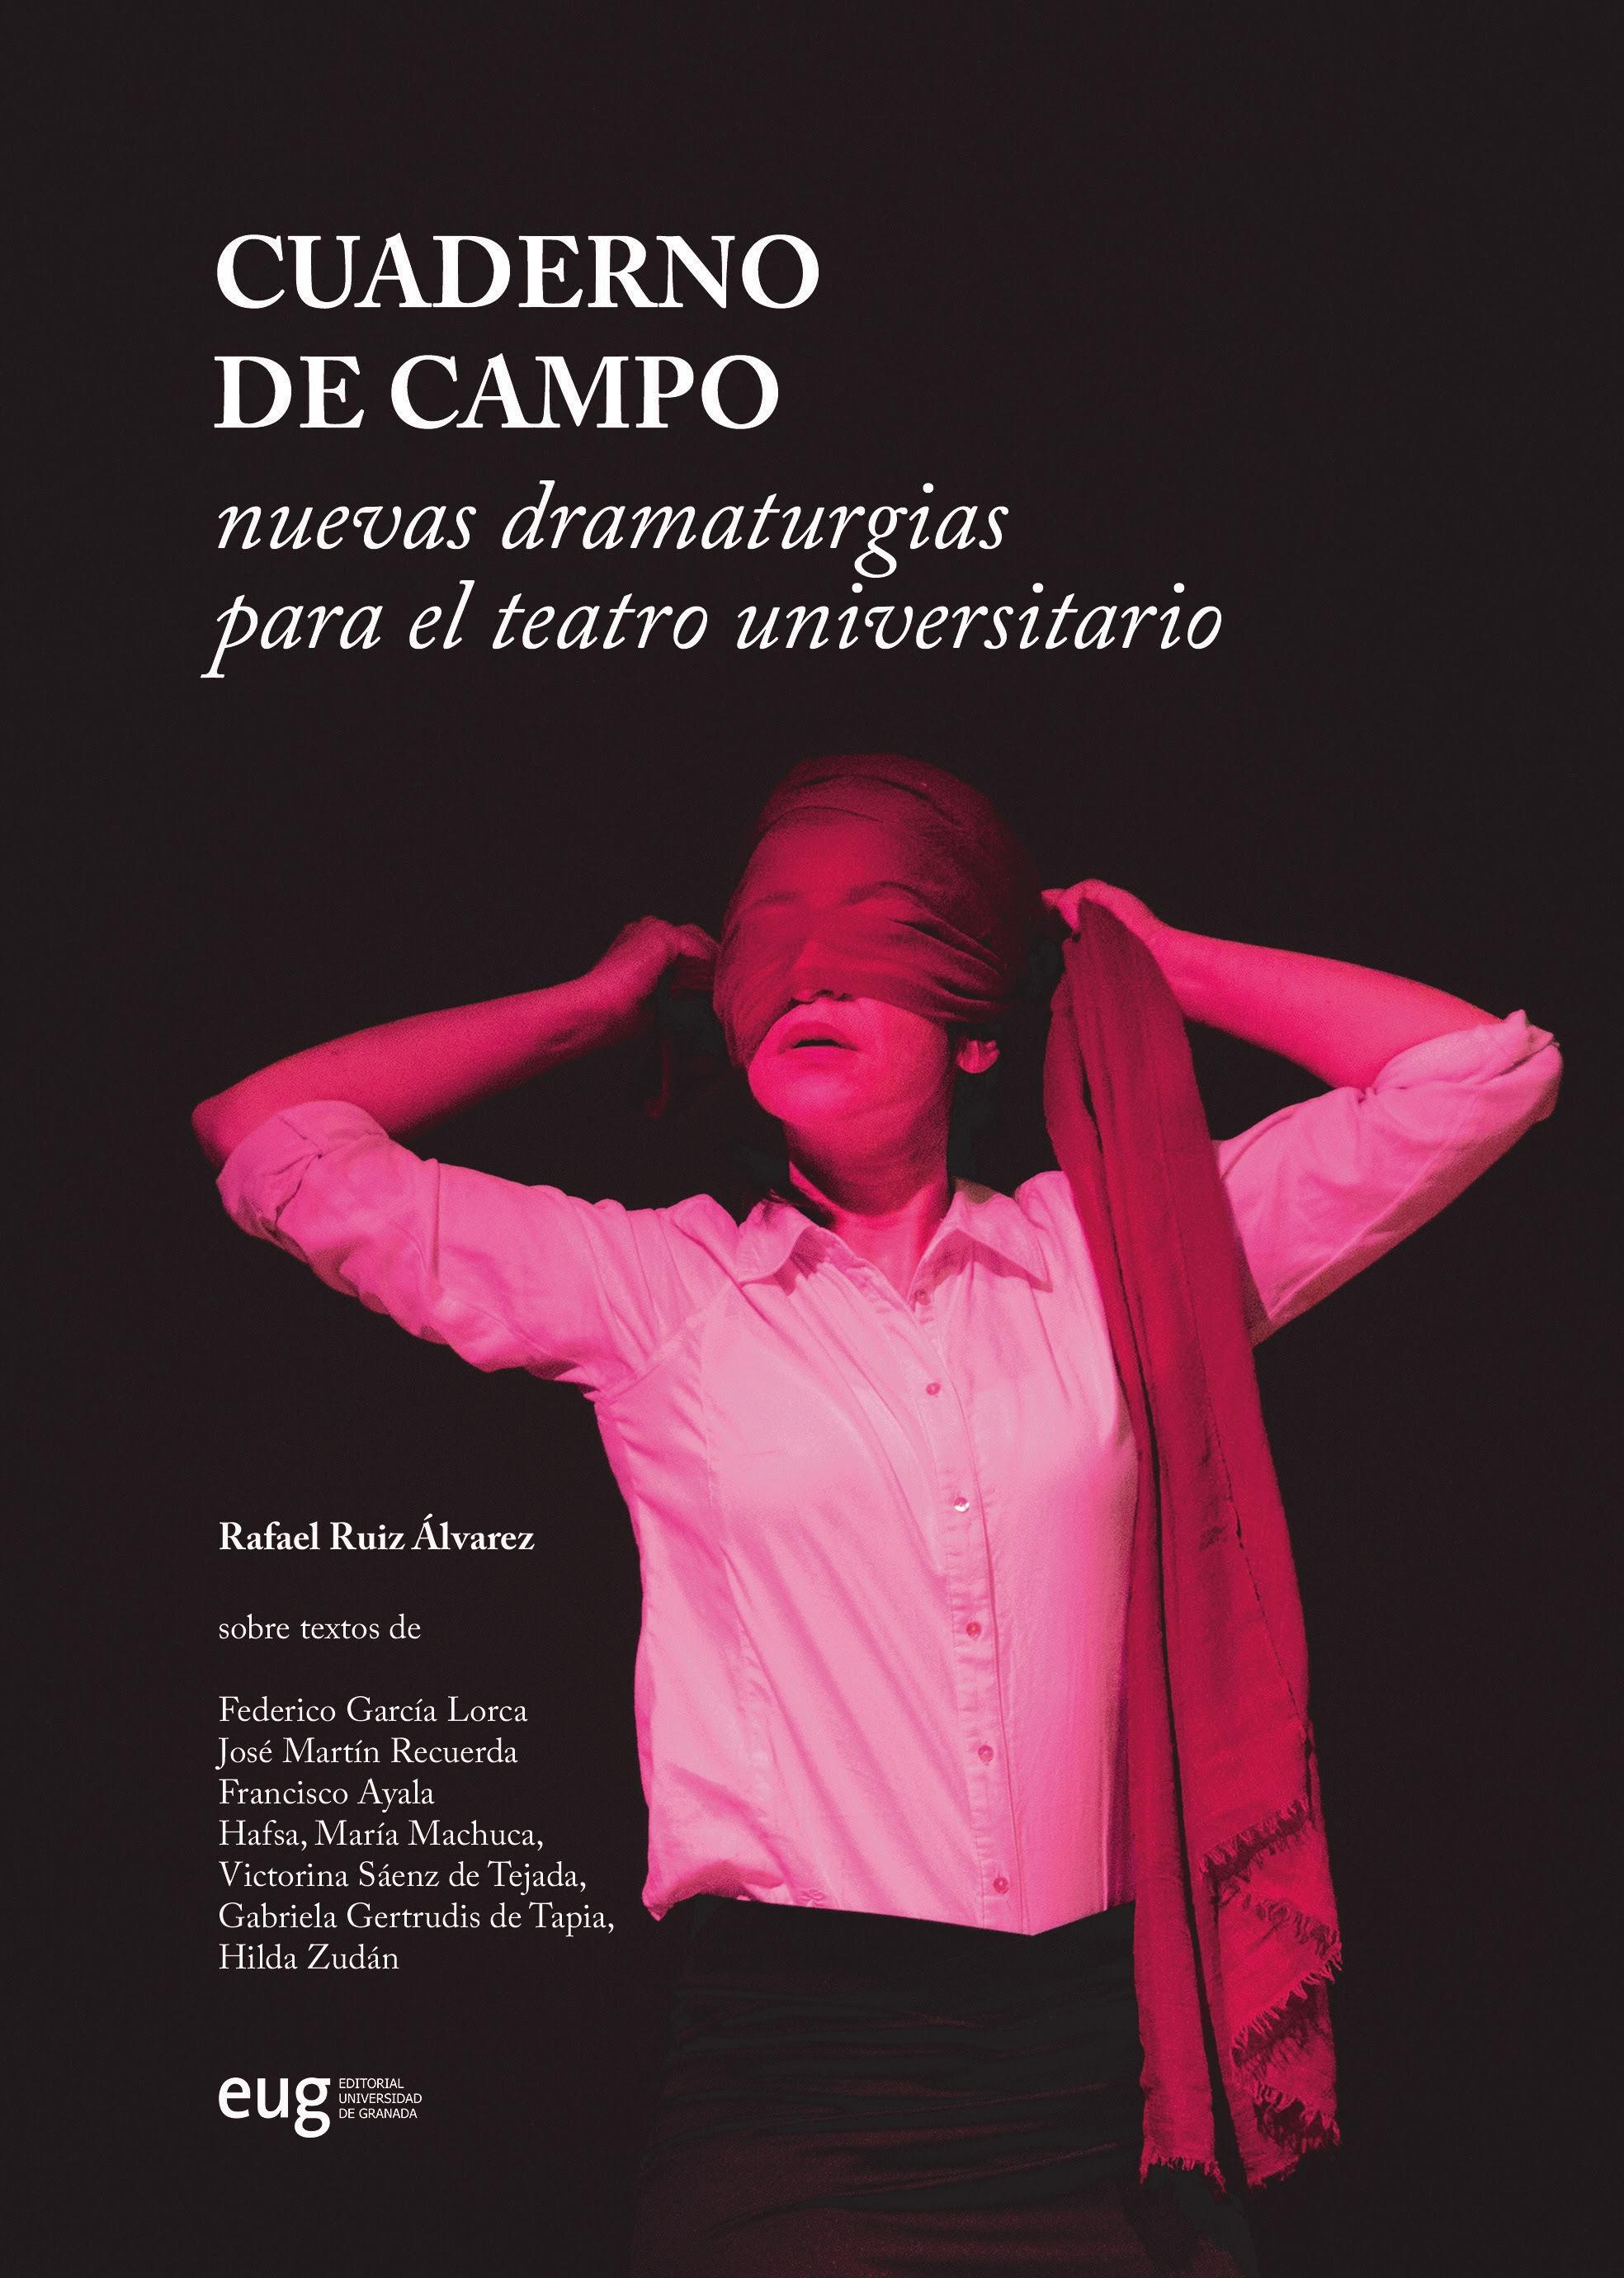 La UGR presenta 'Cuaderno de campo. Nuevas dramaturgias para el teatro universitario', un referente en la edición universitaria sobre Artes Escénicas